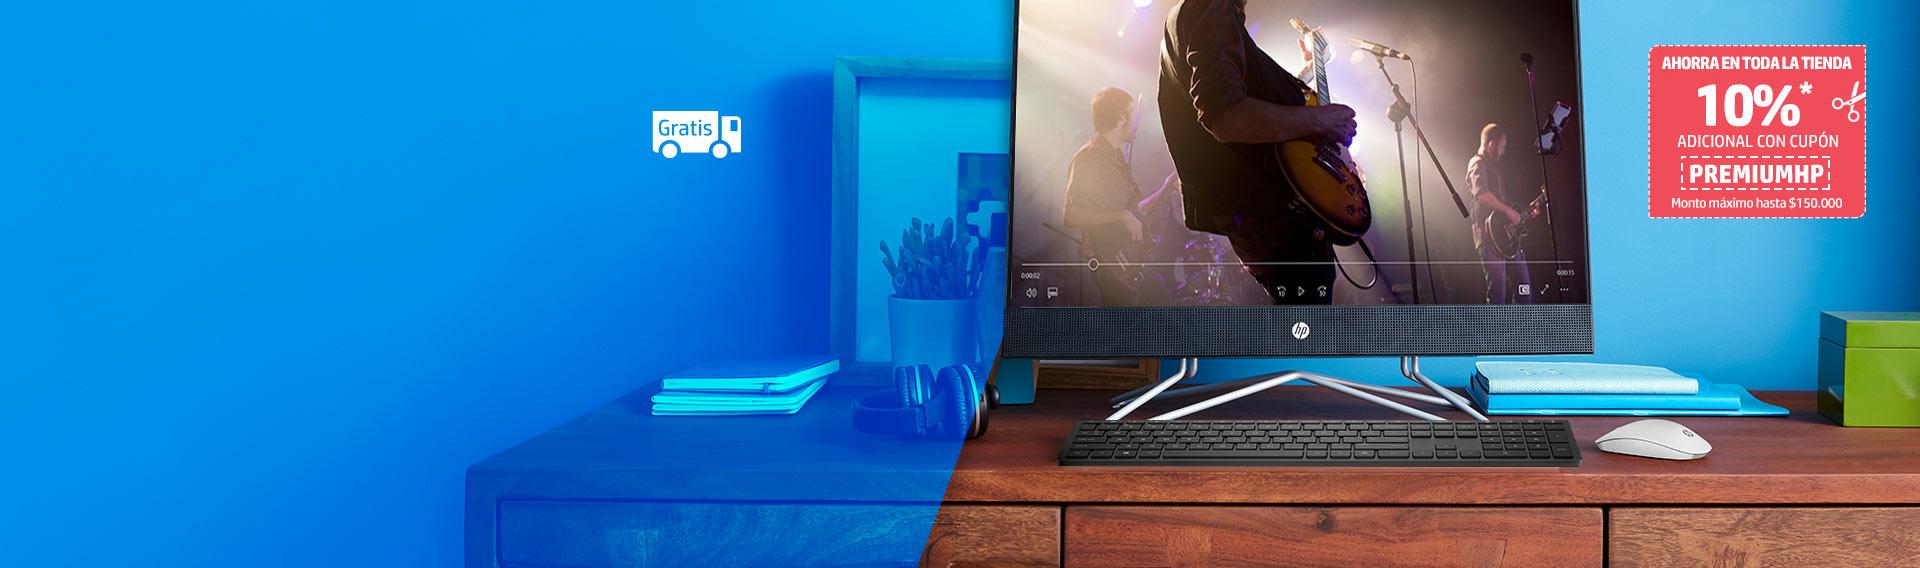 Desktops HP con hasta 20% dcto. + 10% adicional con cupón.